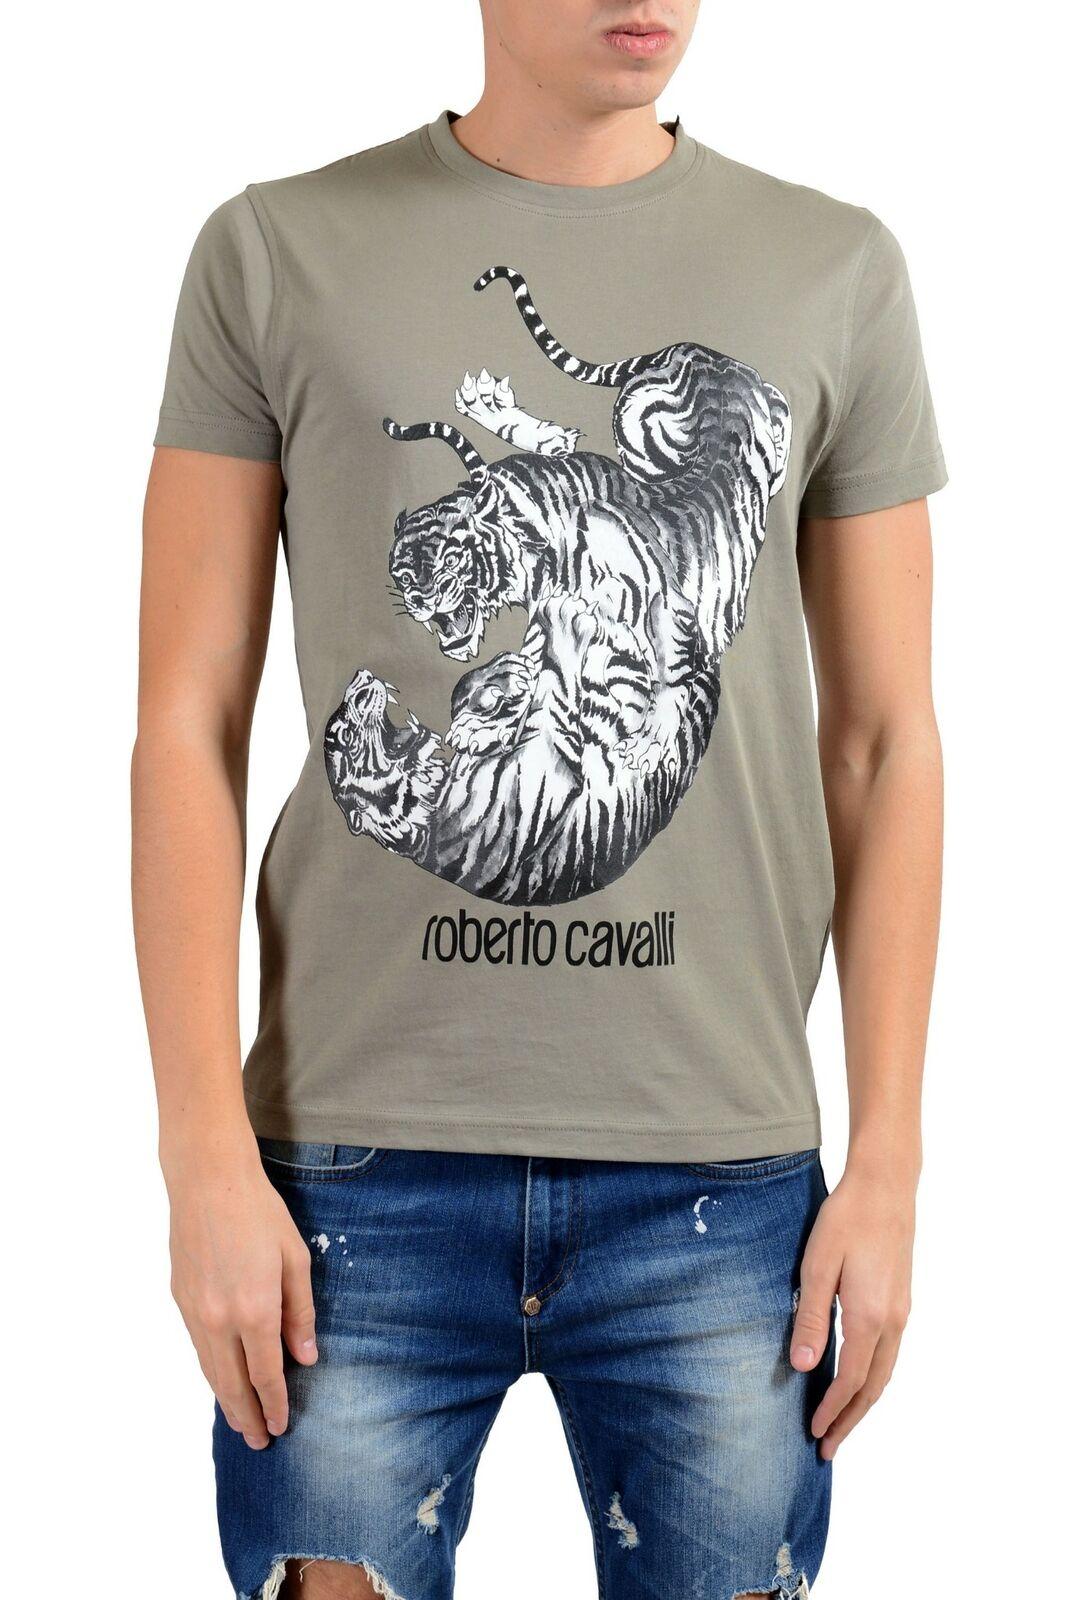 Roberto Cavalli Uomo Grigio Illustrato Combattimento Girocollo Girocollo Girocollo T-Shirt Taglia 152f85